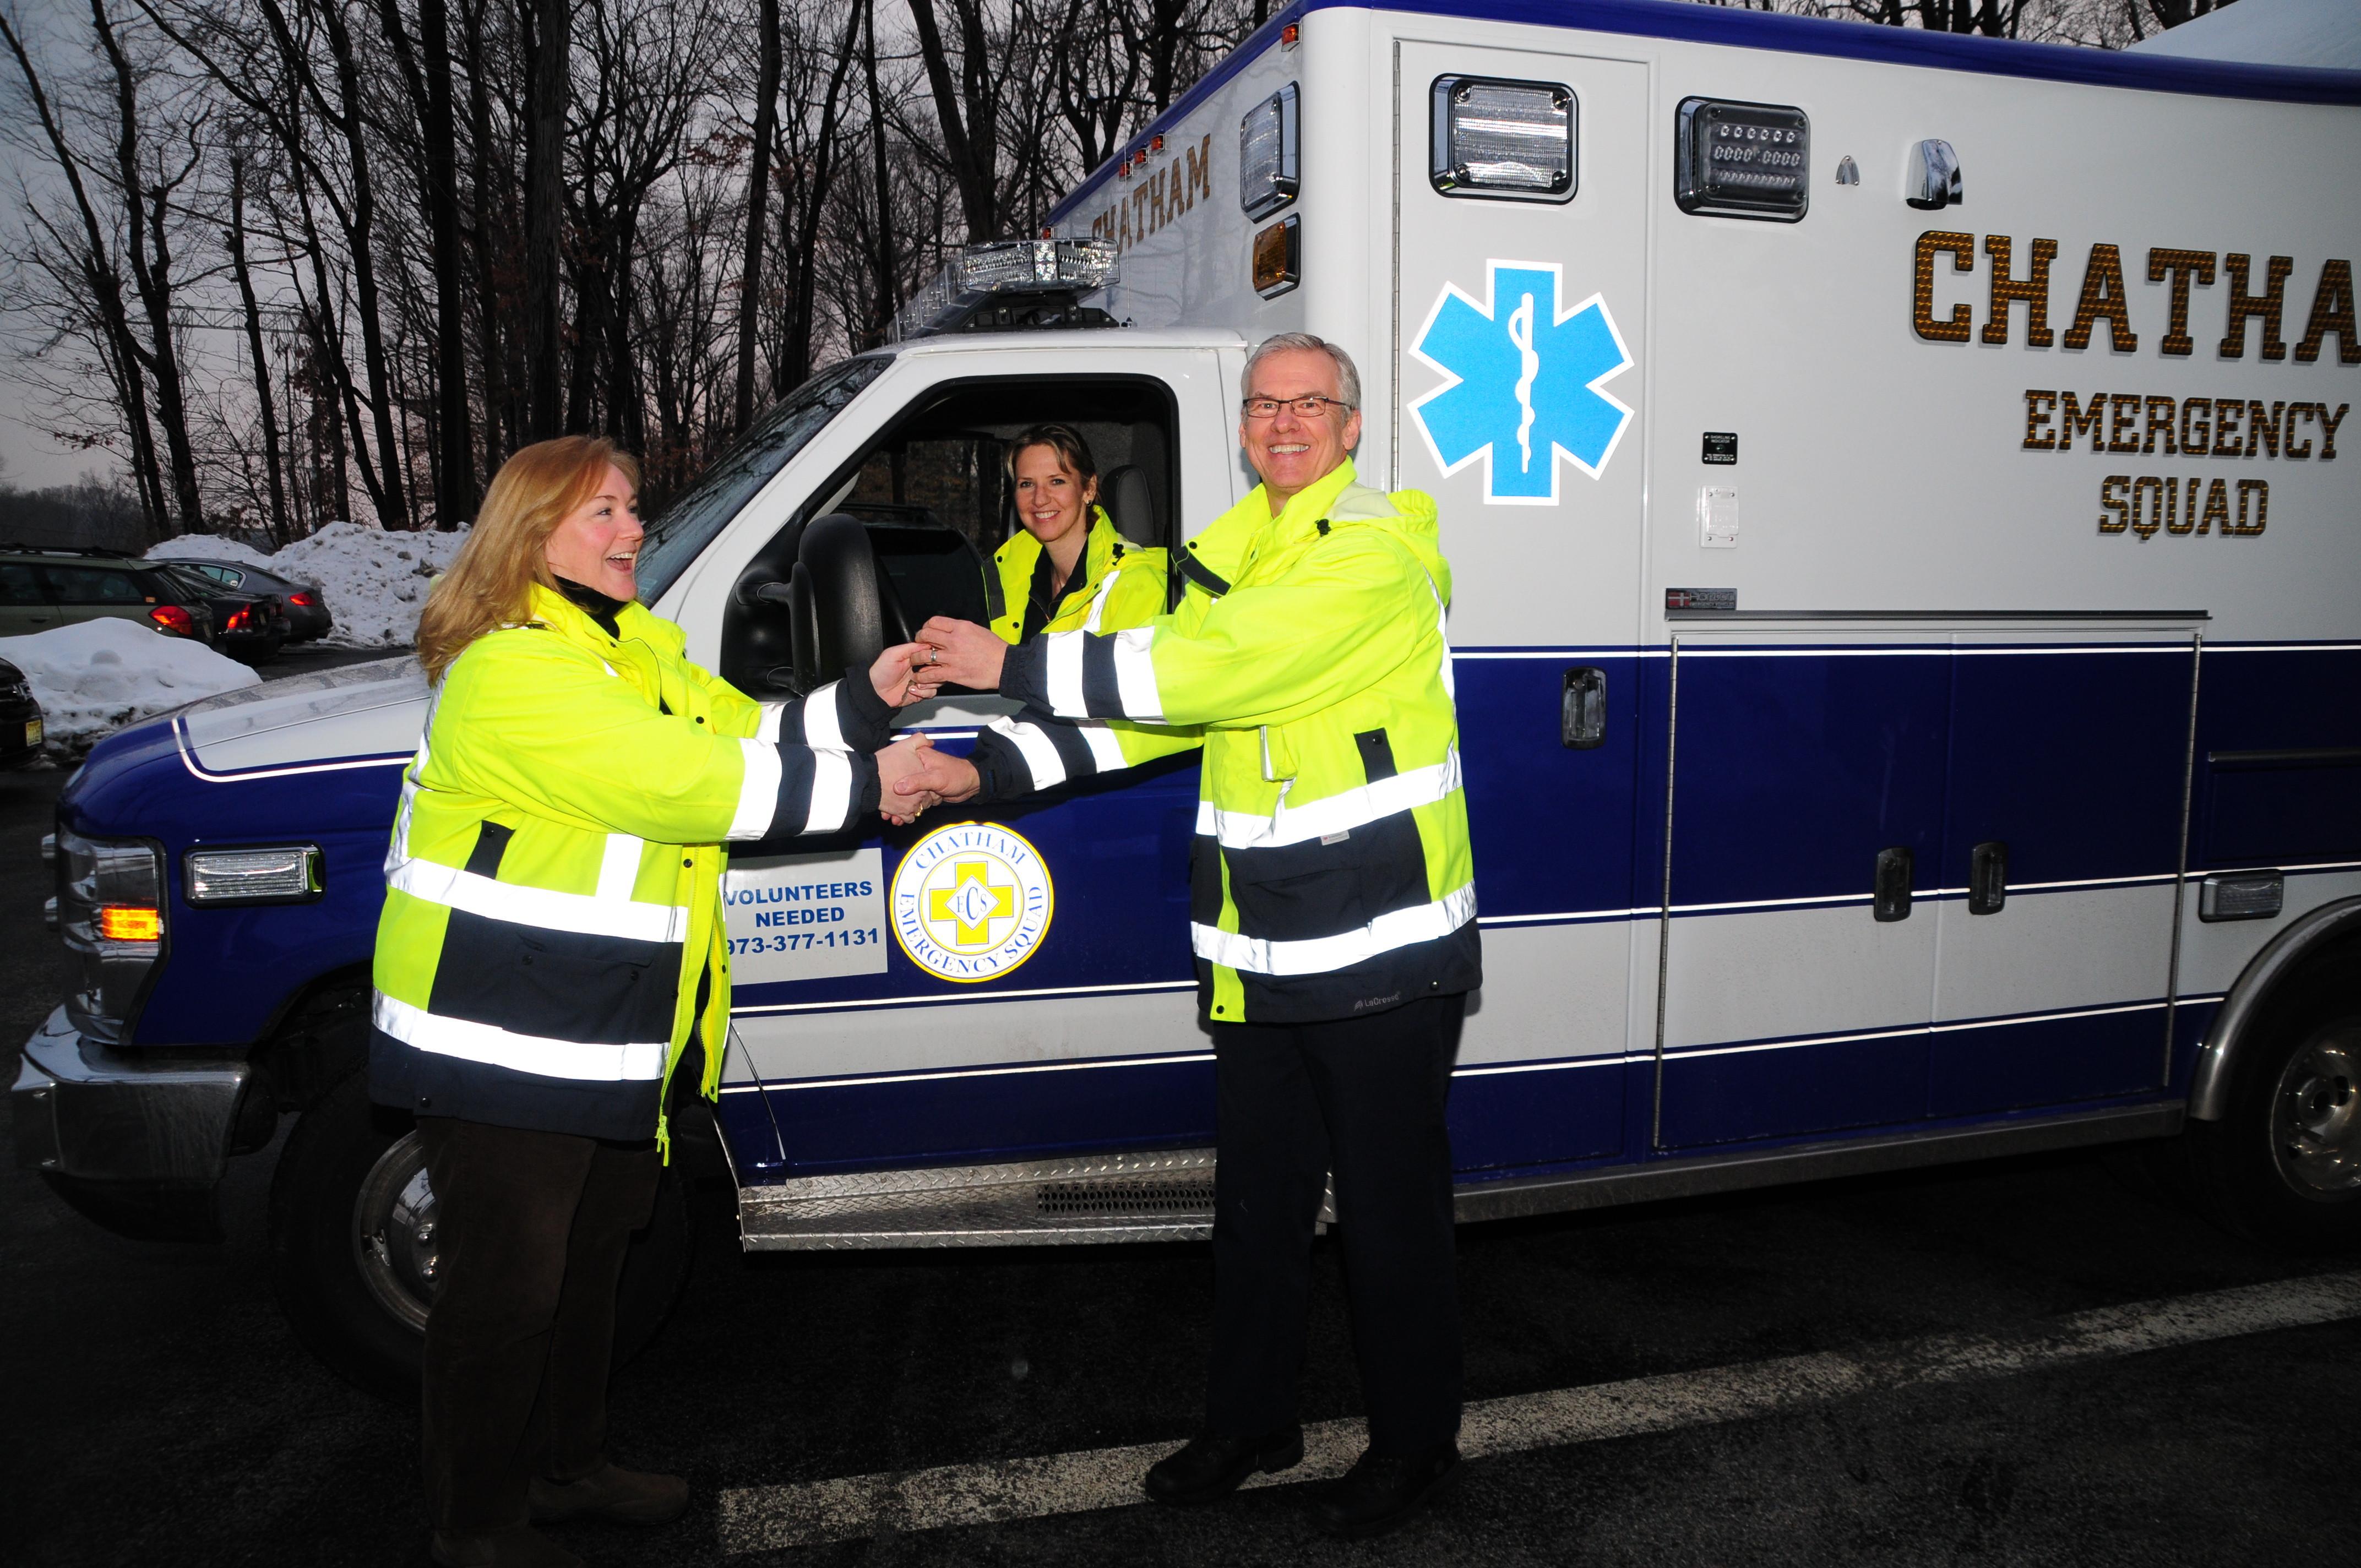 f0d0079ab39f8b8bc9e0_ambulance_pic_1_.jpg